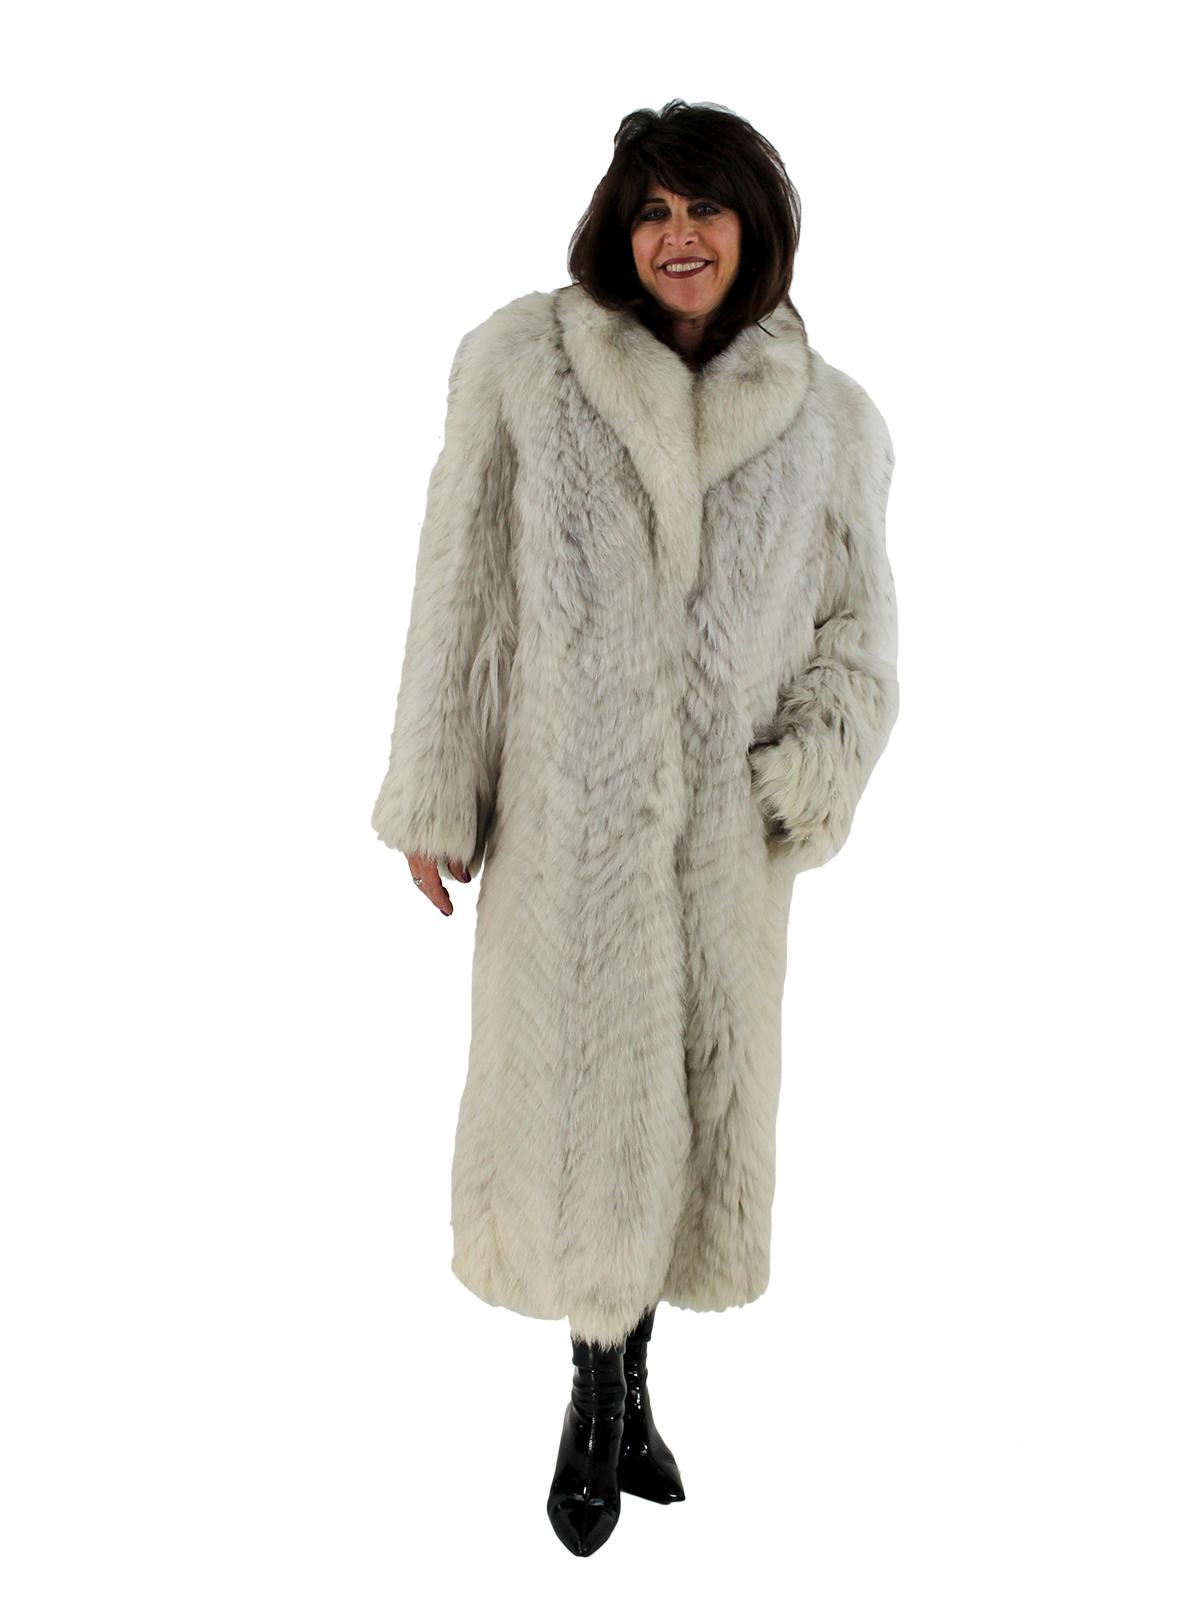 Natural Blue Fox Fur Coat - Women's Fur Coat - Small| Estate Furs